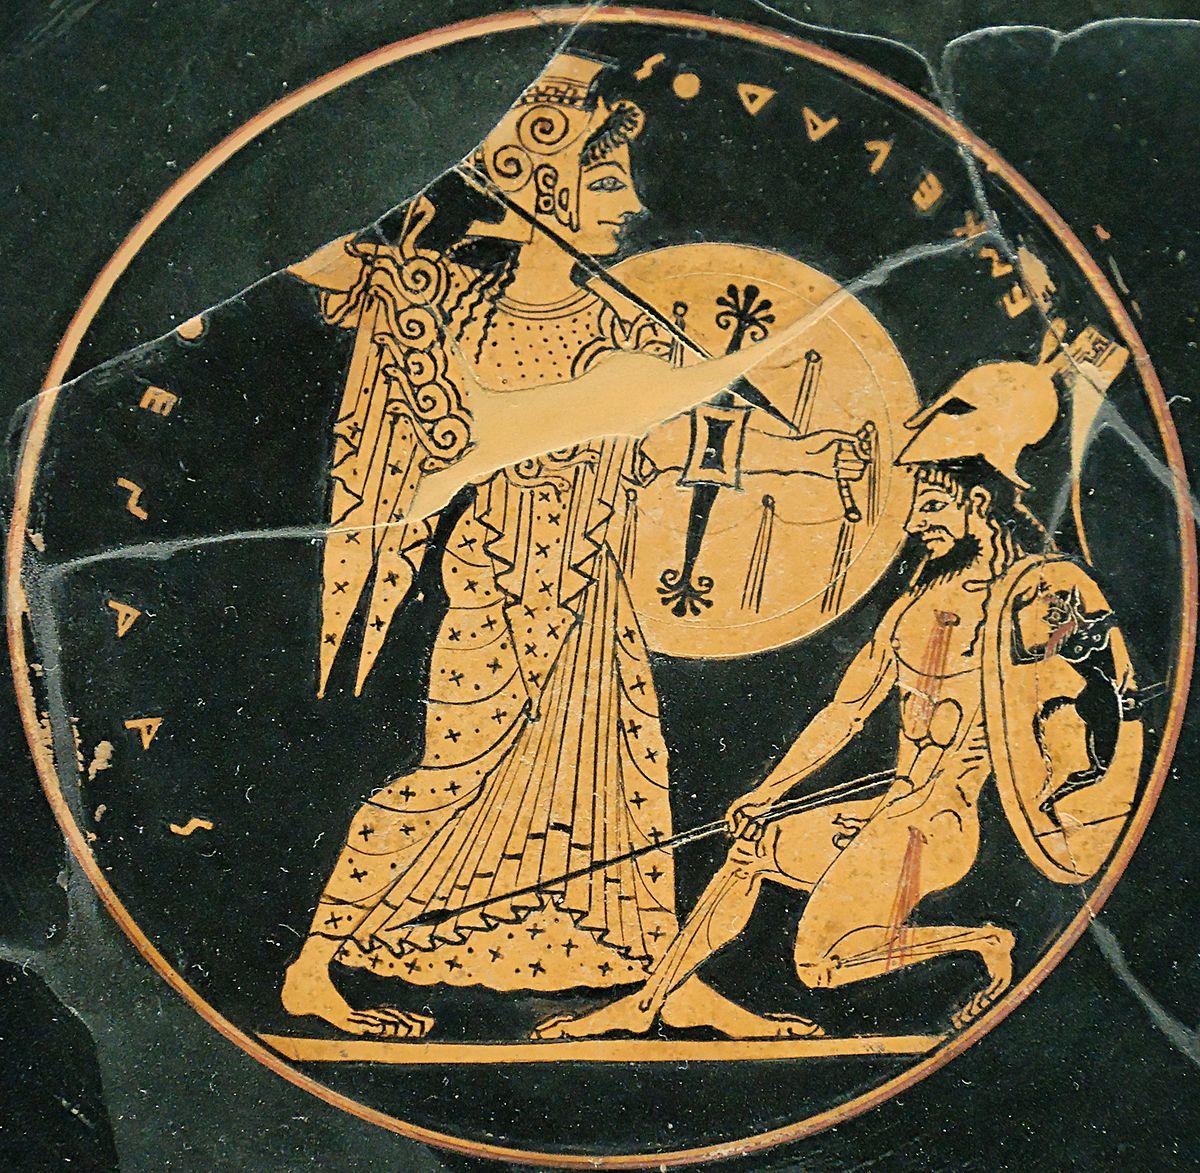 Culture and Mythology/Theseus/Haeracle (Hercules) Comparison term paper 1720